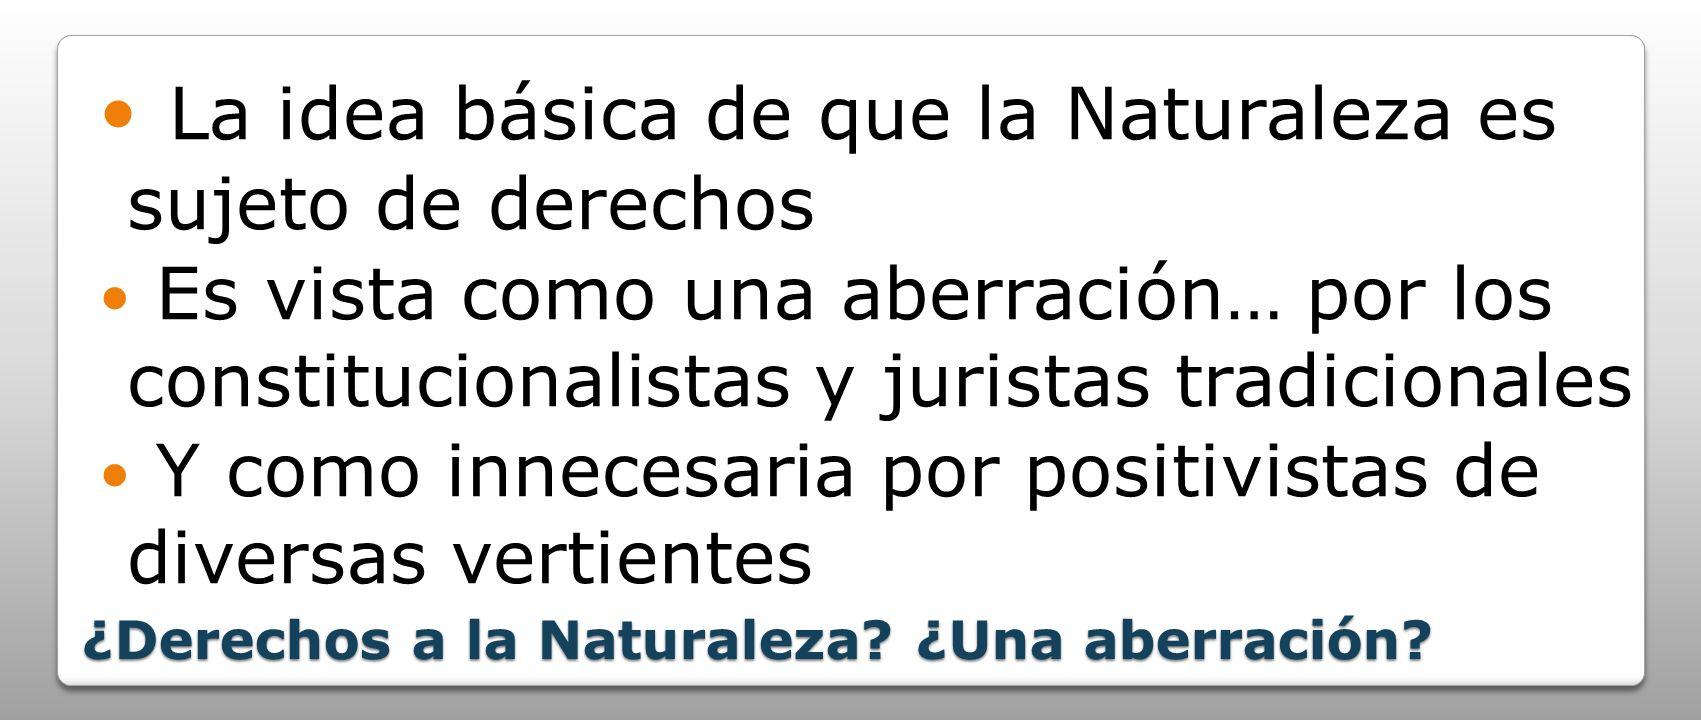 ¿Derechos a la Naturaleza ¿Una aberración